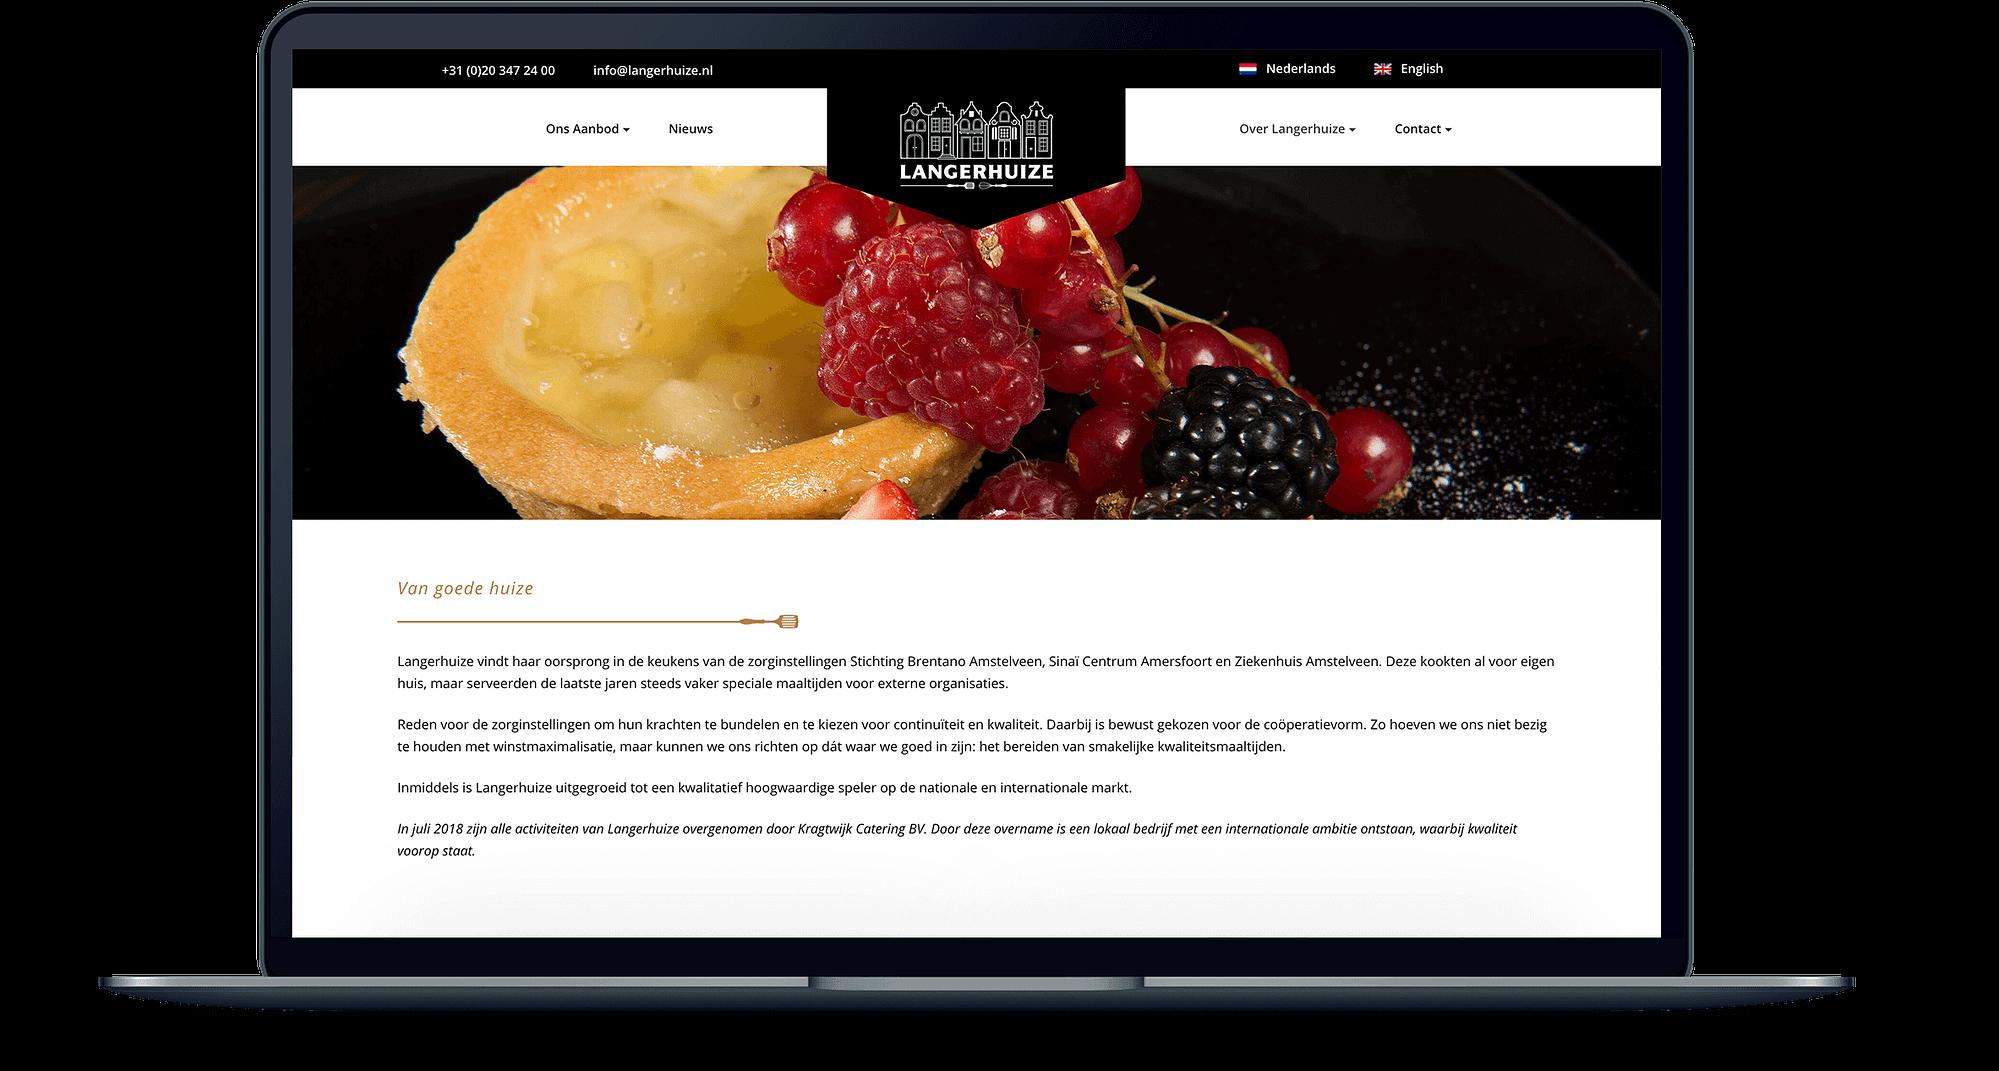 Mockup van een MacBook met de website van Langerhuize er op open